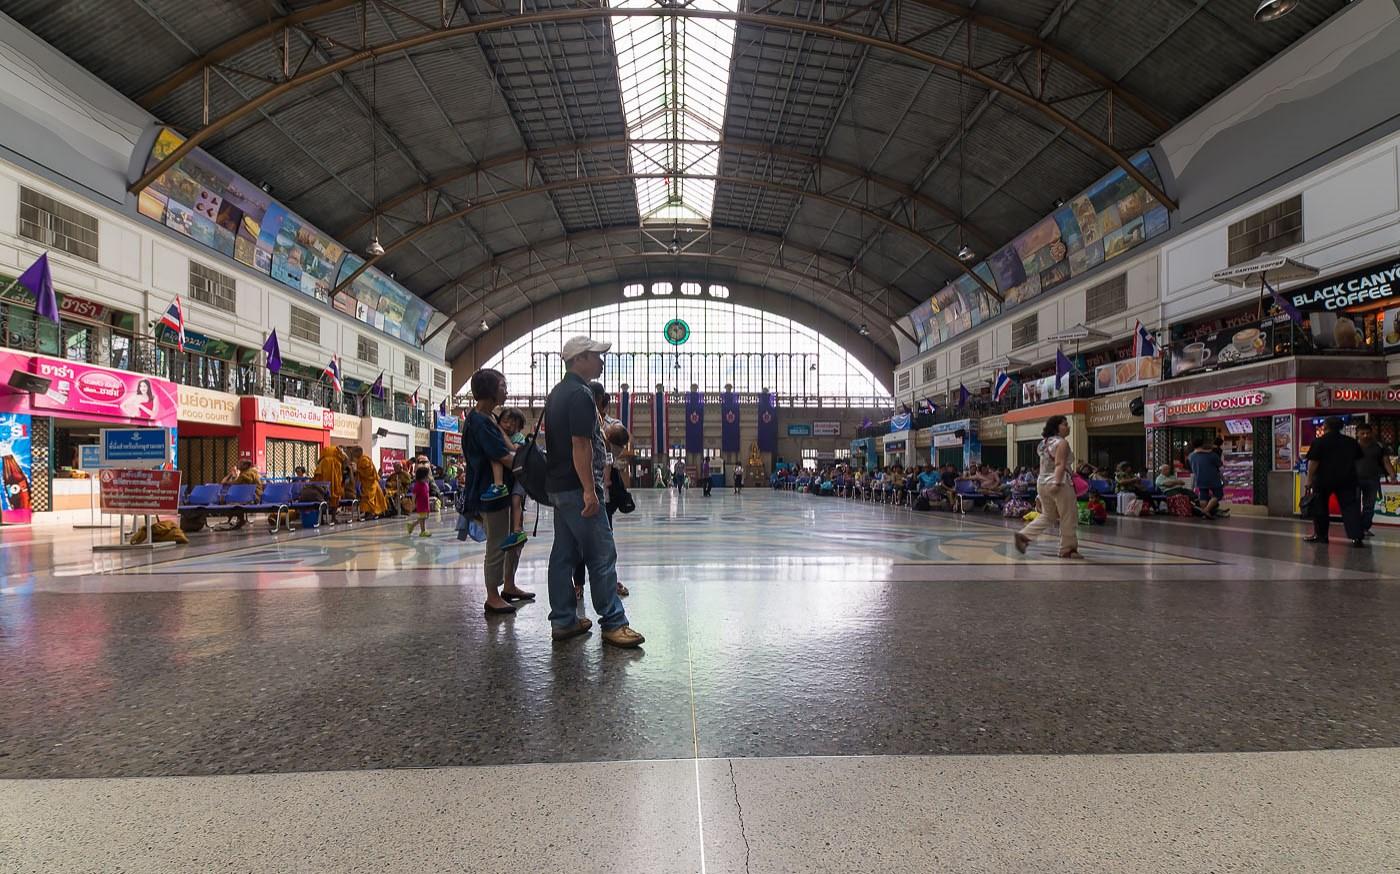 Фото 6. Зал ожидания на железнодорожном вокзале Hua Lamphong (Хуа Лампонг) в Бангкоке. Что посмотреть в столице, читайте в отзыве о поездке в Таиланд в 2010 году. Объектив Samyang 14/2.8 (f=8, 1/60, ISO 320)